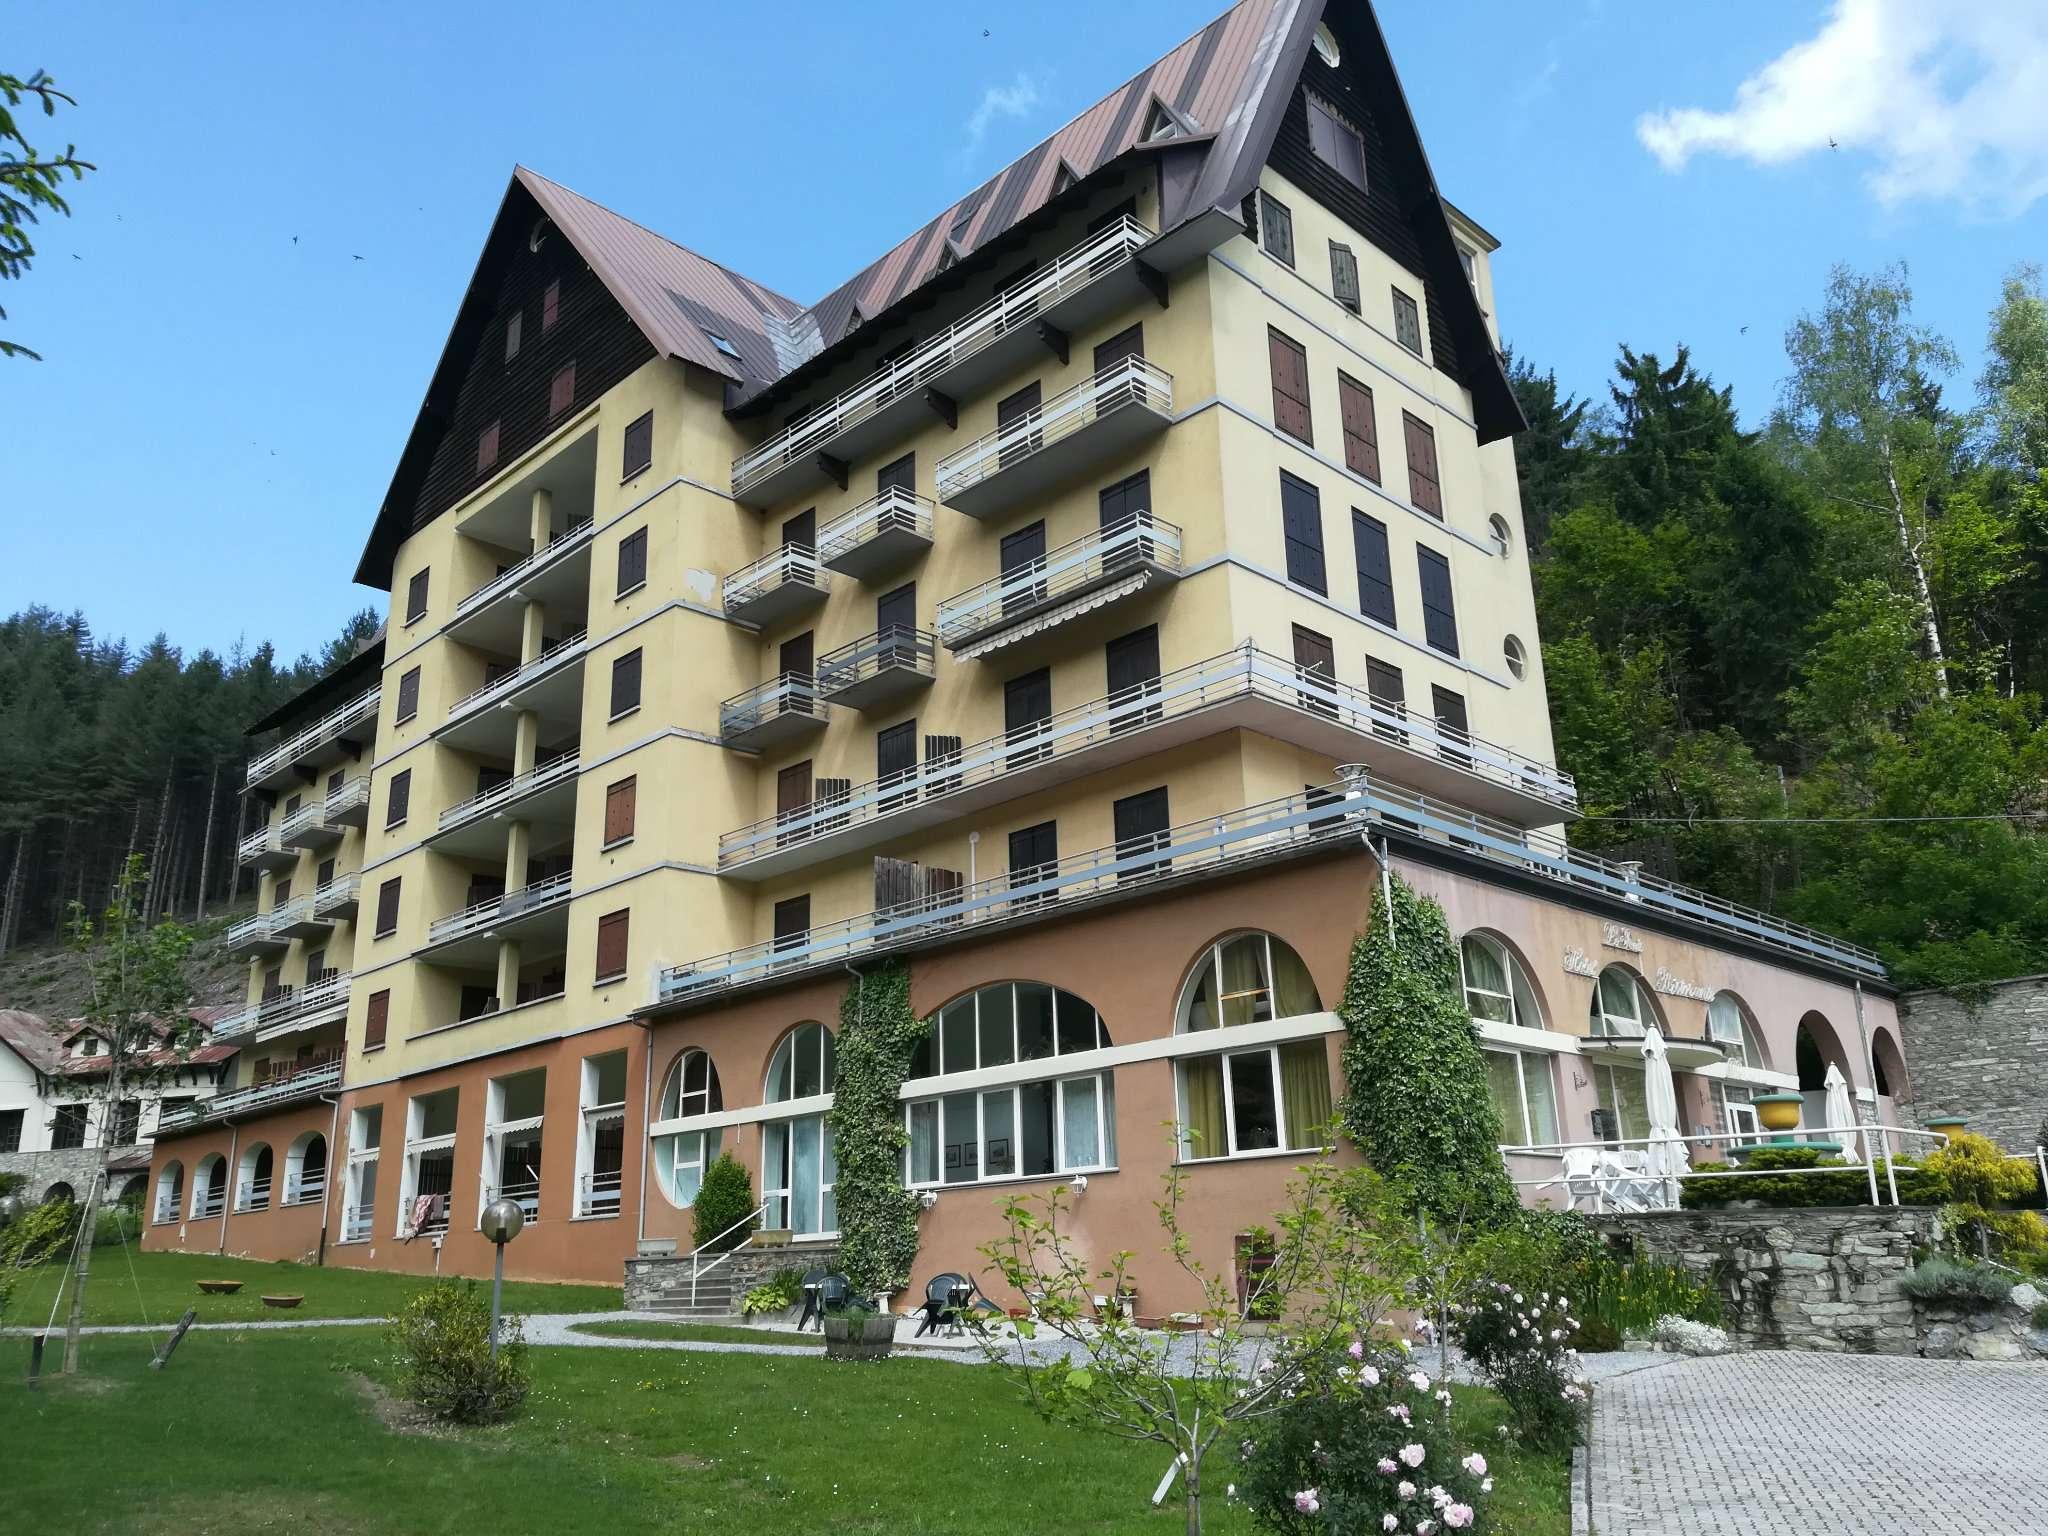 Appartamento in vendita a Roccaforte Mondovì, 3 locali, prezzo € 55.000 | CambioCasa.it